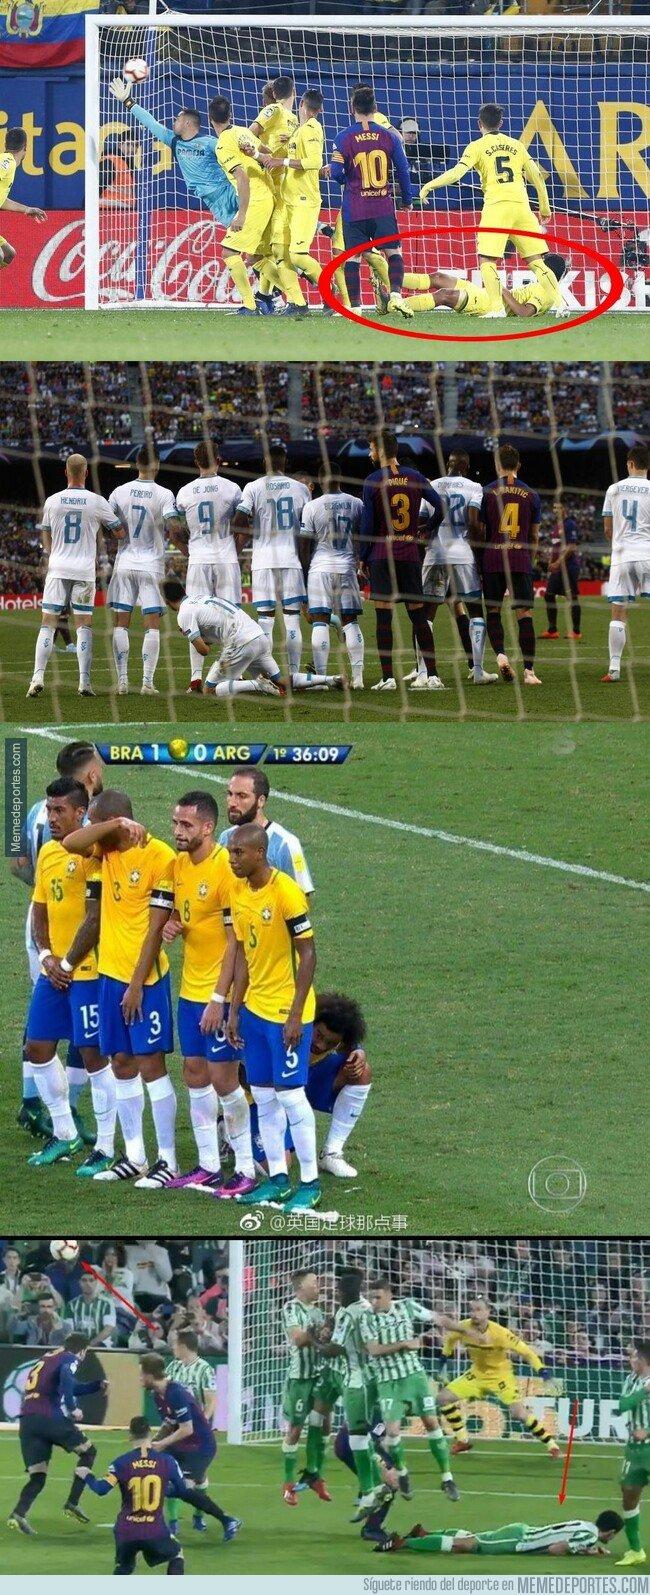 1070189 - El recopilatorio de todos los soldados caídos en las barreras de las faltas que lanzará Messi pensando que es buena idea. Vía @llourinho